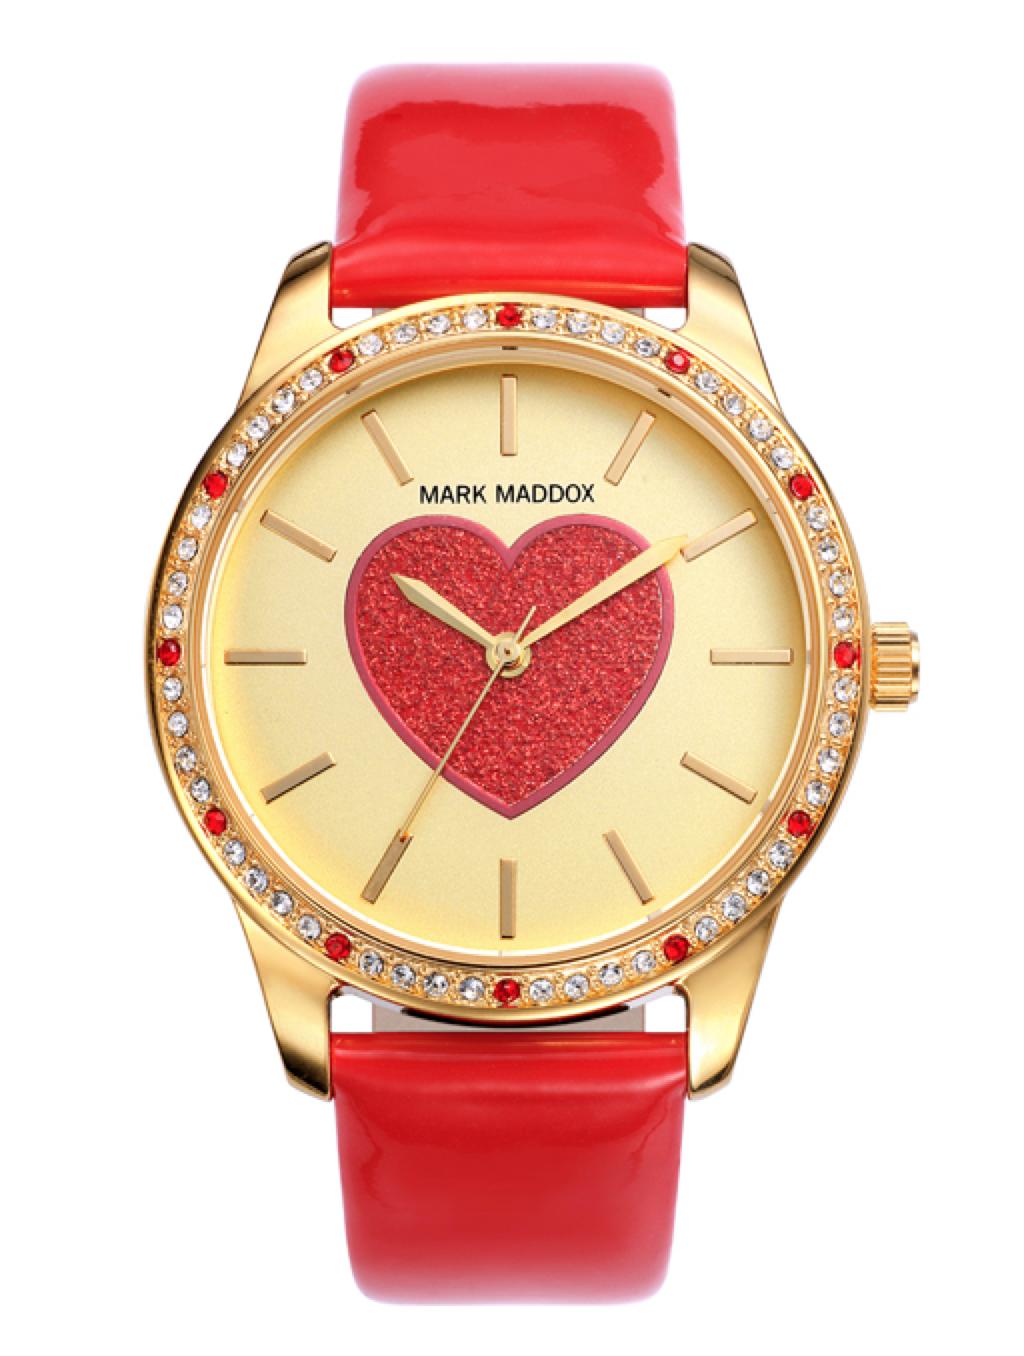 Reloj Mark Maddok corazón